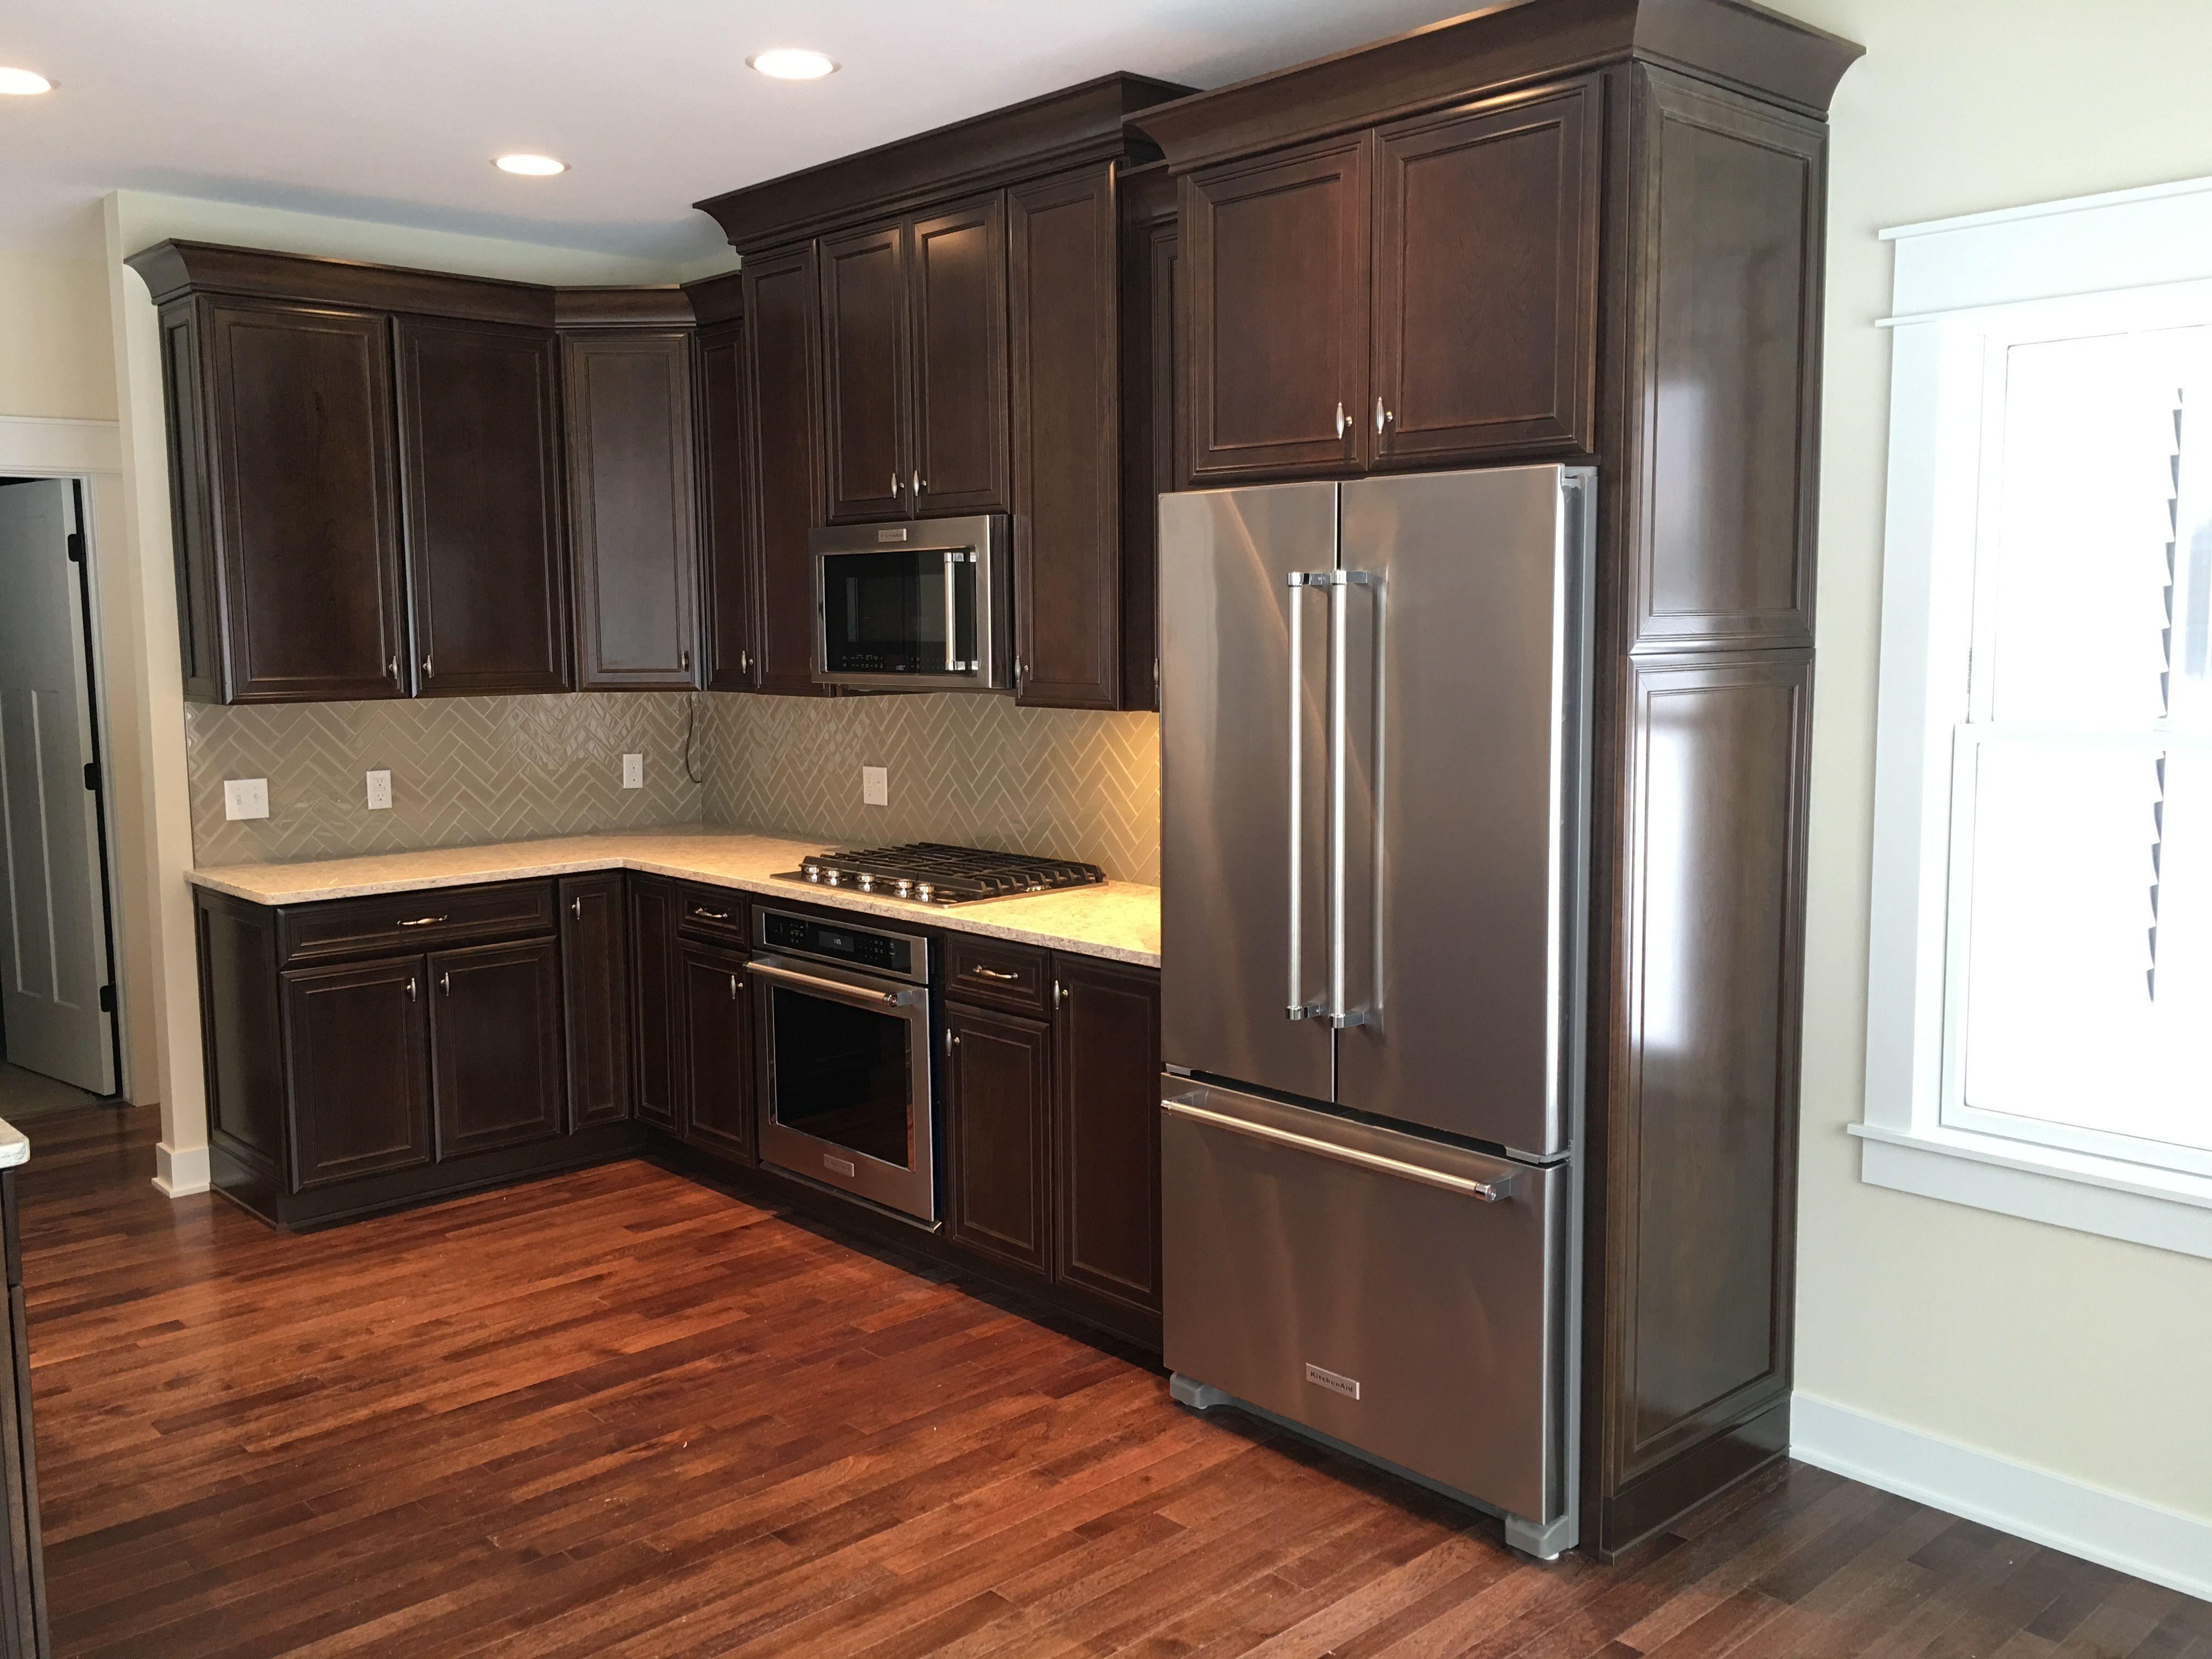 Kitchen Maid Kitchen Cabinets - Kitchen Design Ideas